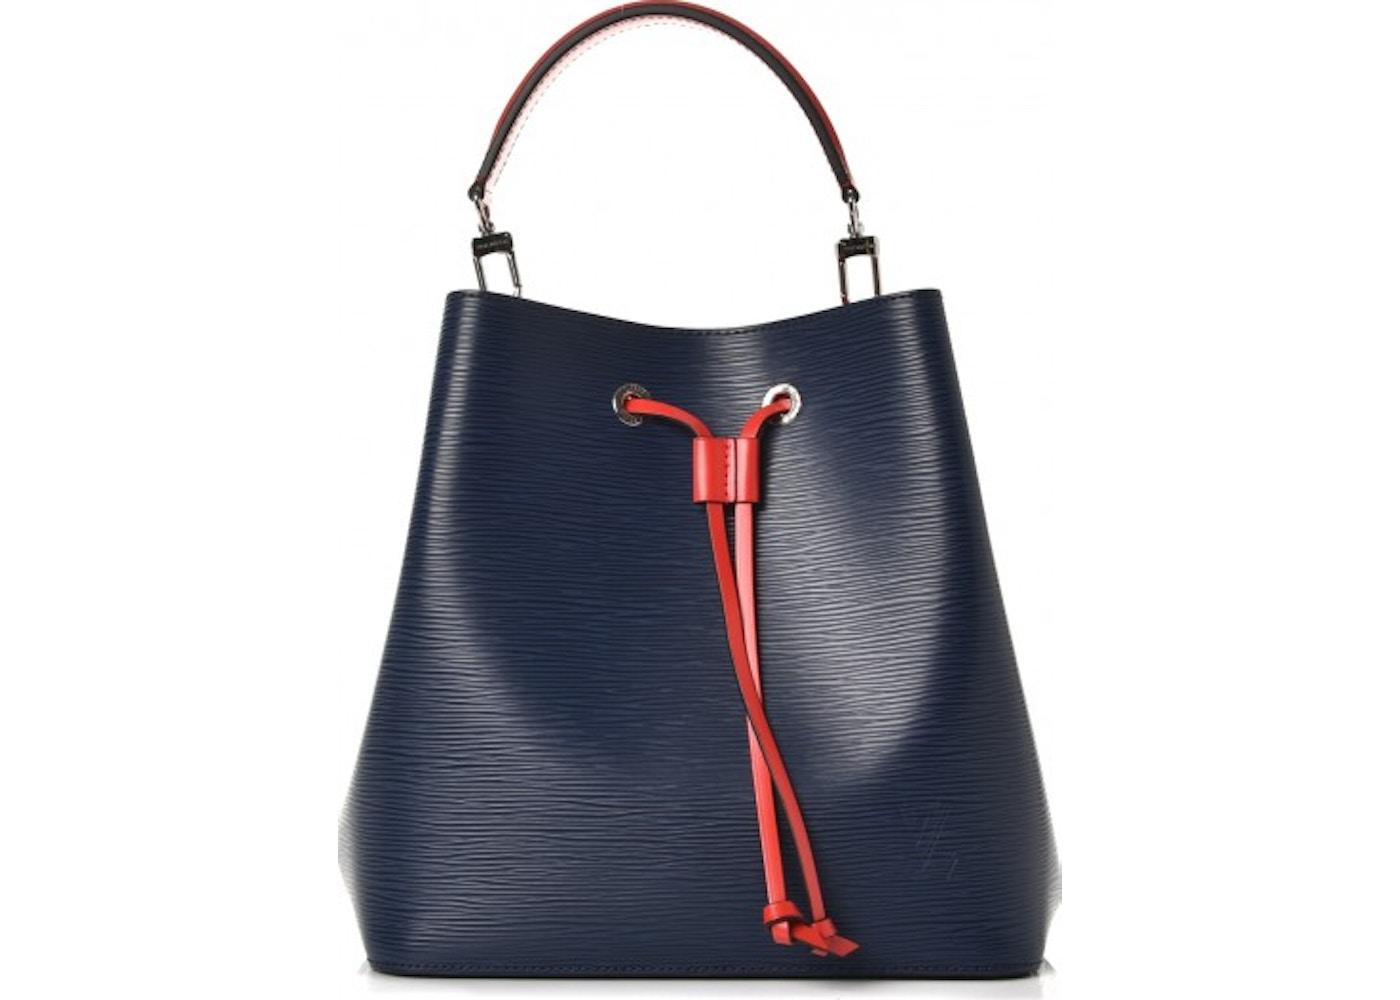 Louis Vuitton Bucket Bag Neonoe Epi Indigo Coquelicot. Epi Indigo Coquelicot cf16525de